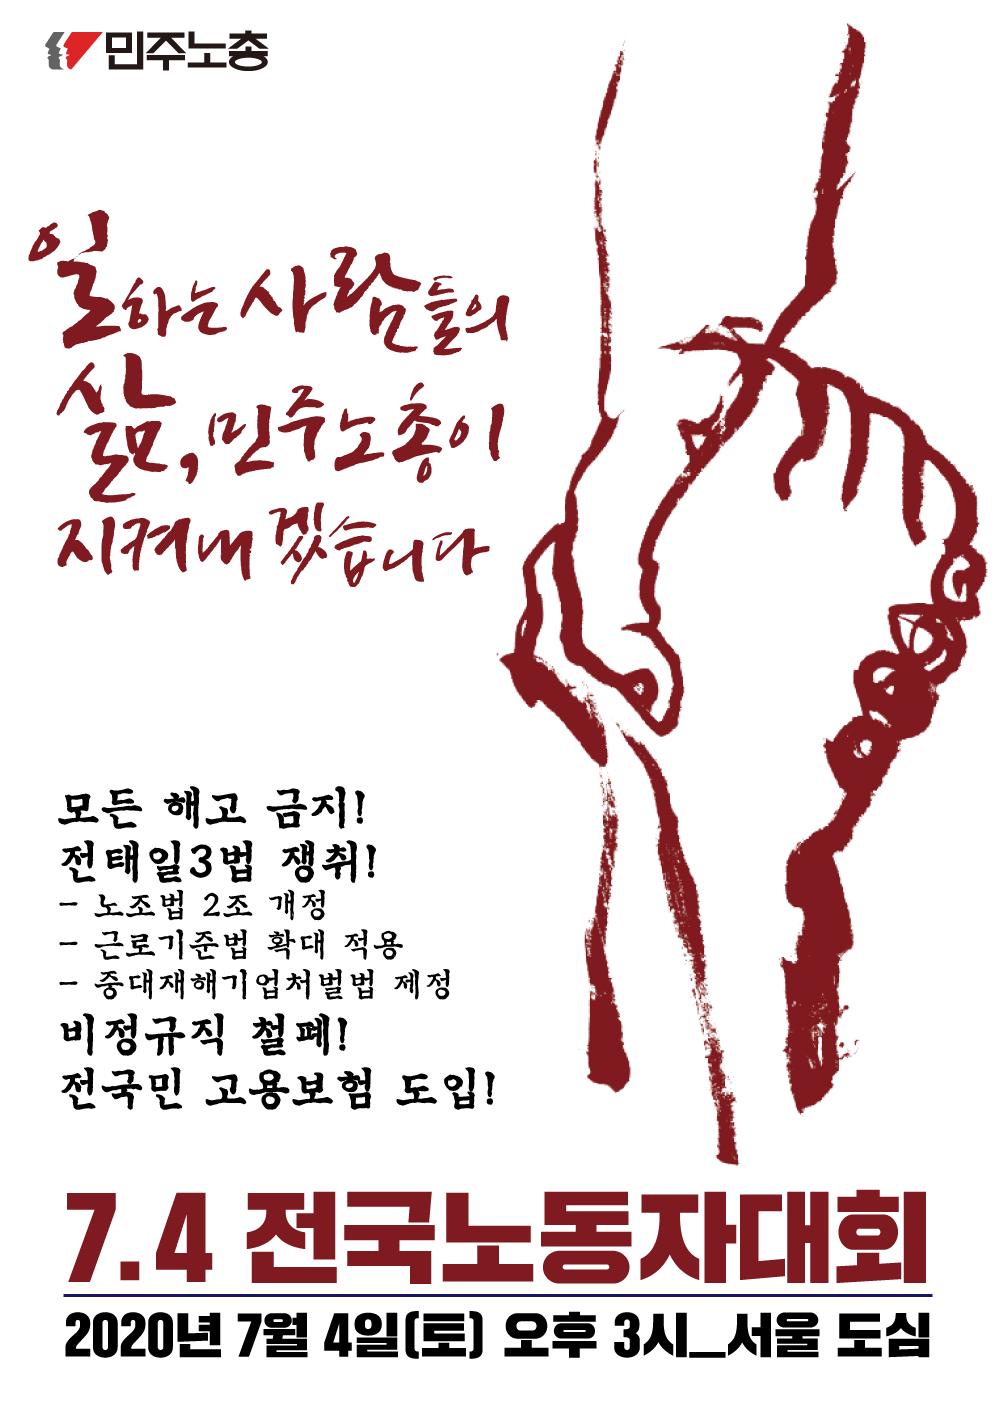 7.4 전국노동자대회 카드뉴스로 미리보기